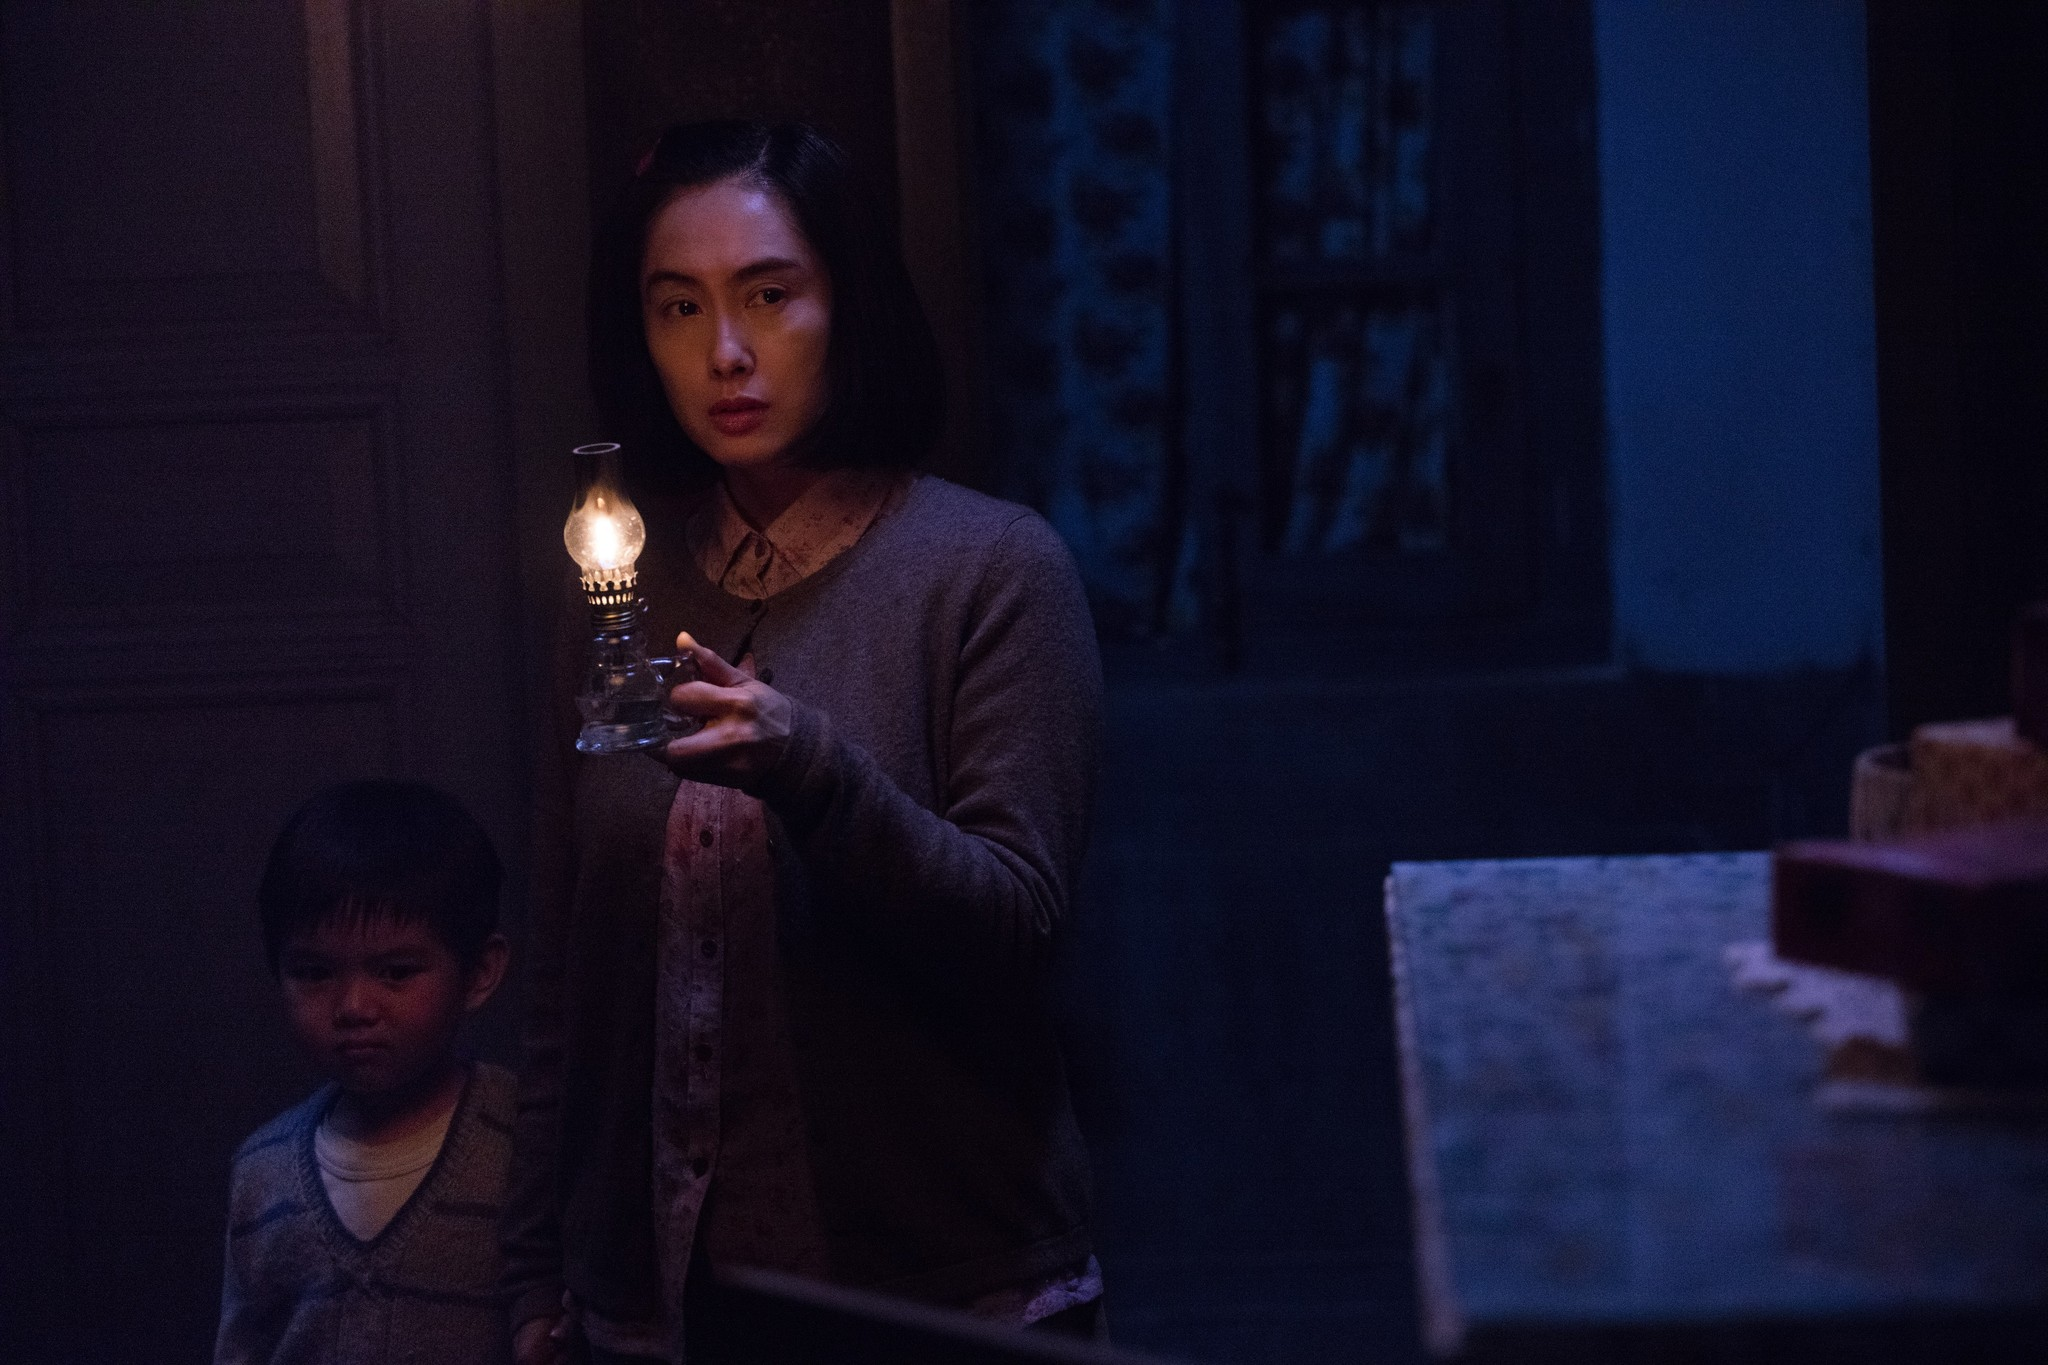 朱茵复出接拍恐怖电影《古宅》 挑战角色从20岁演到60岁